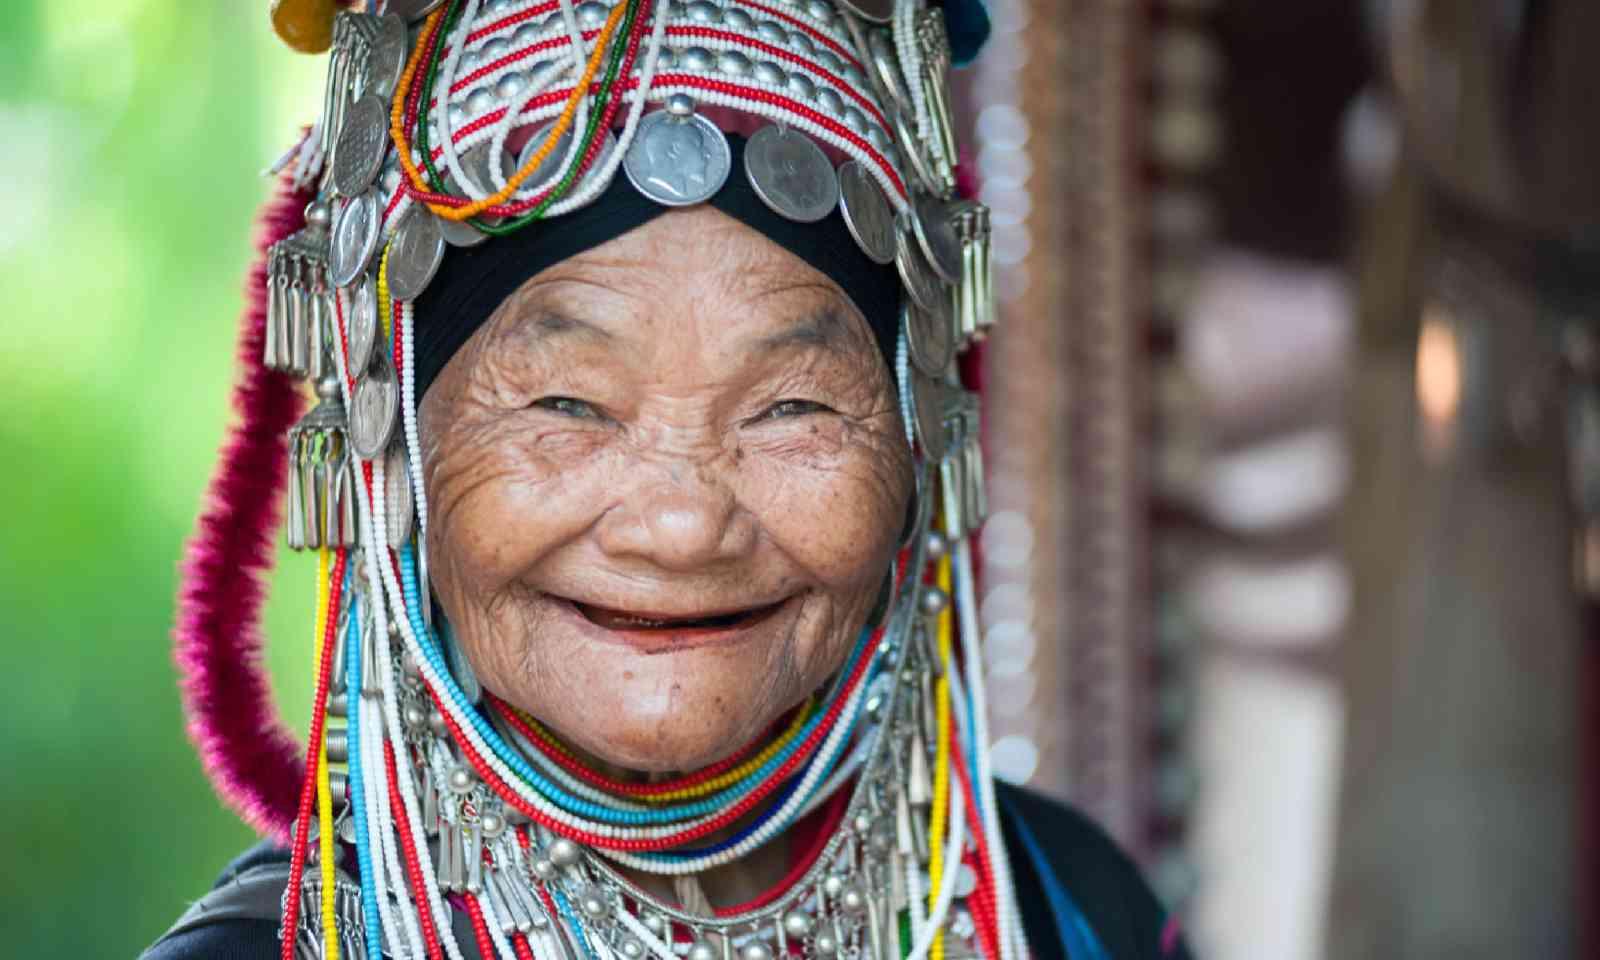 Akha tribe elderly woman (Shutterstock)